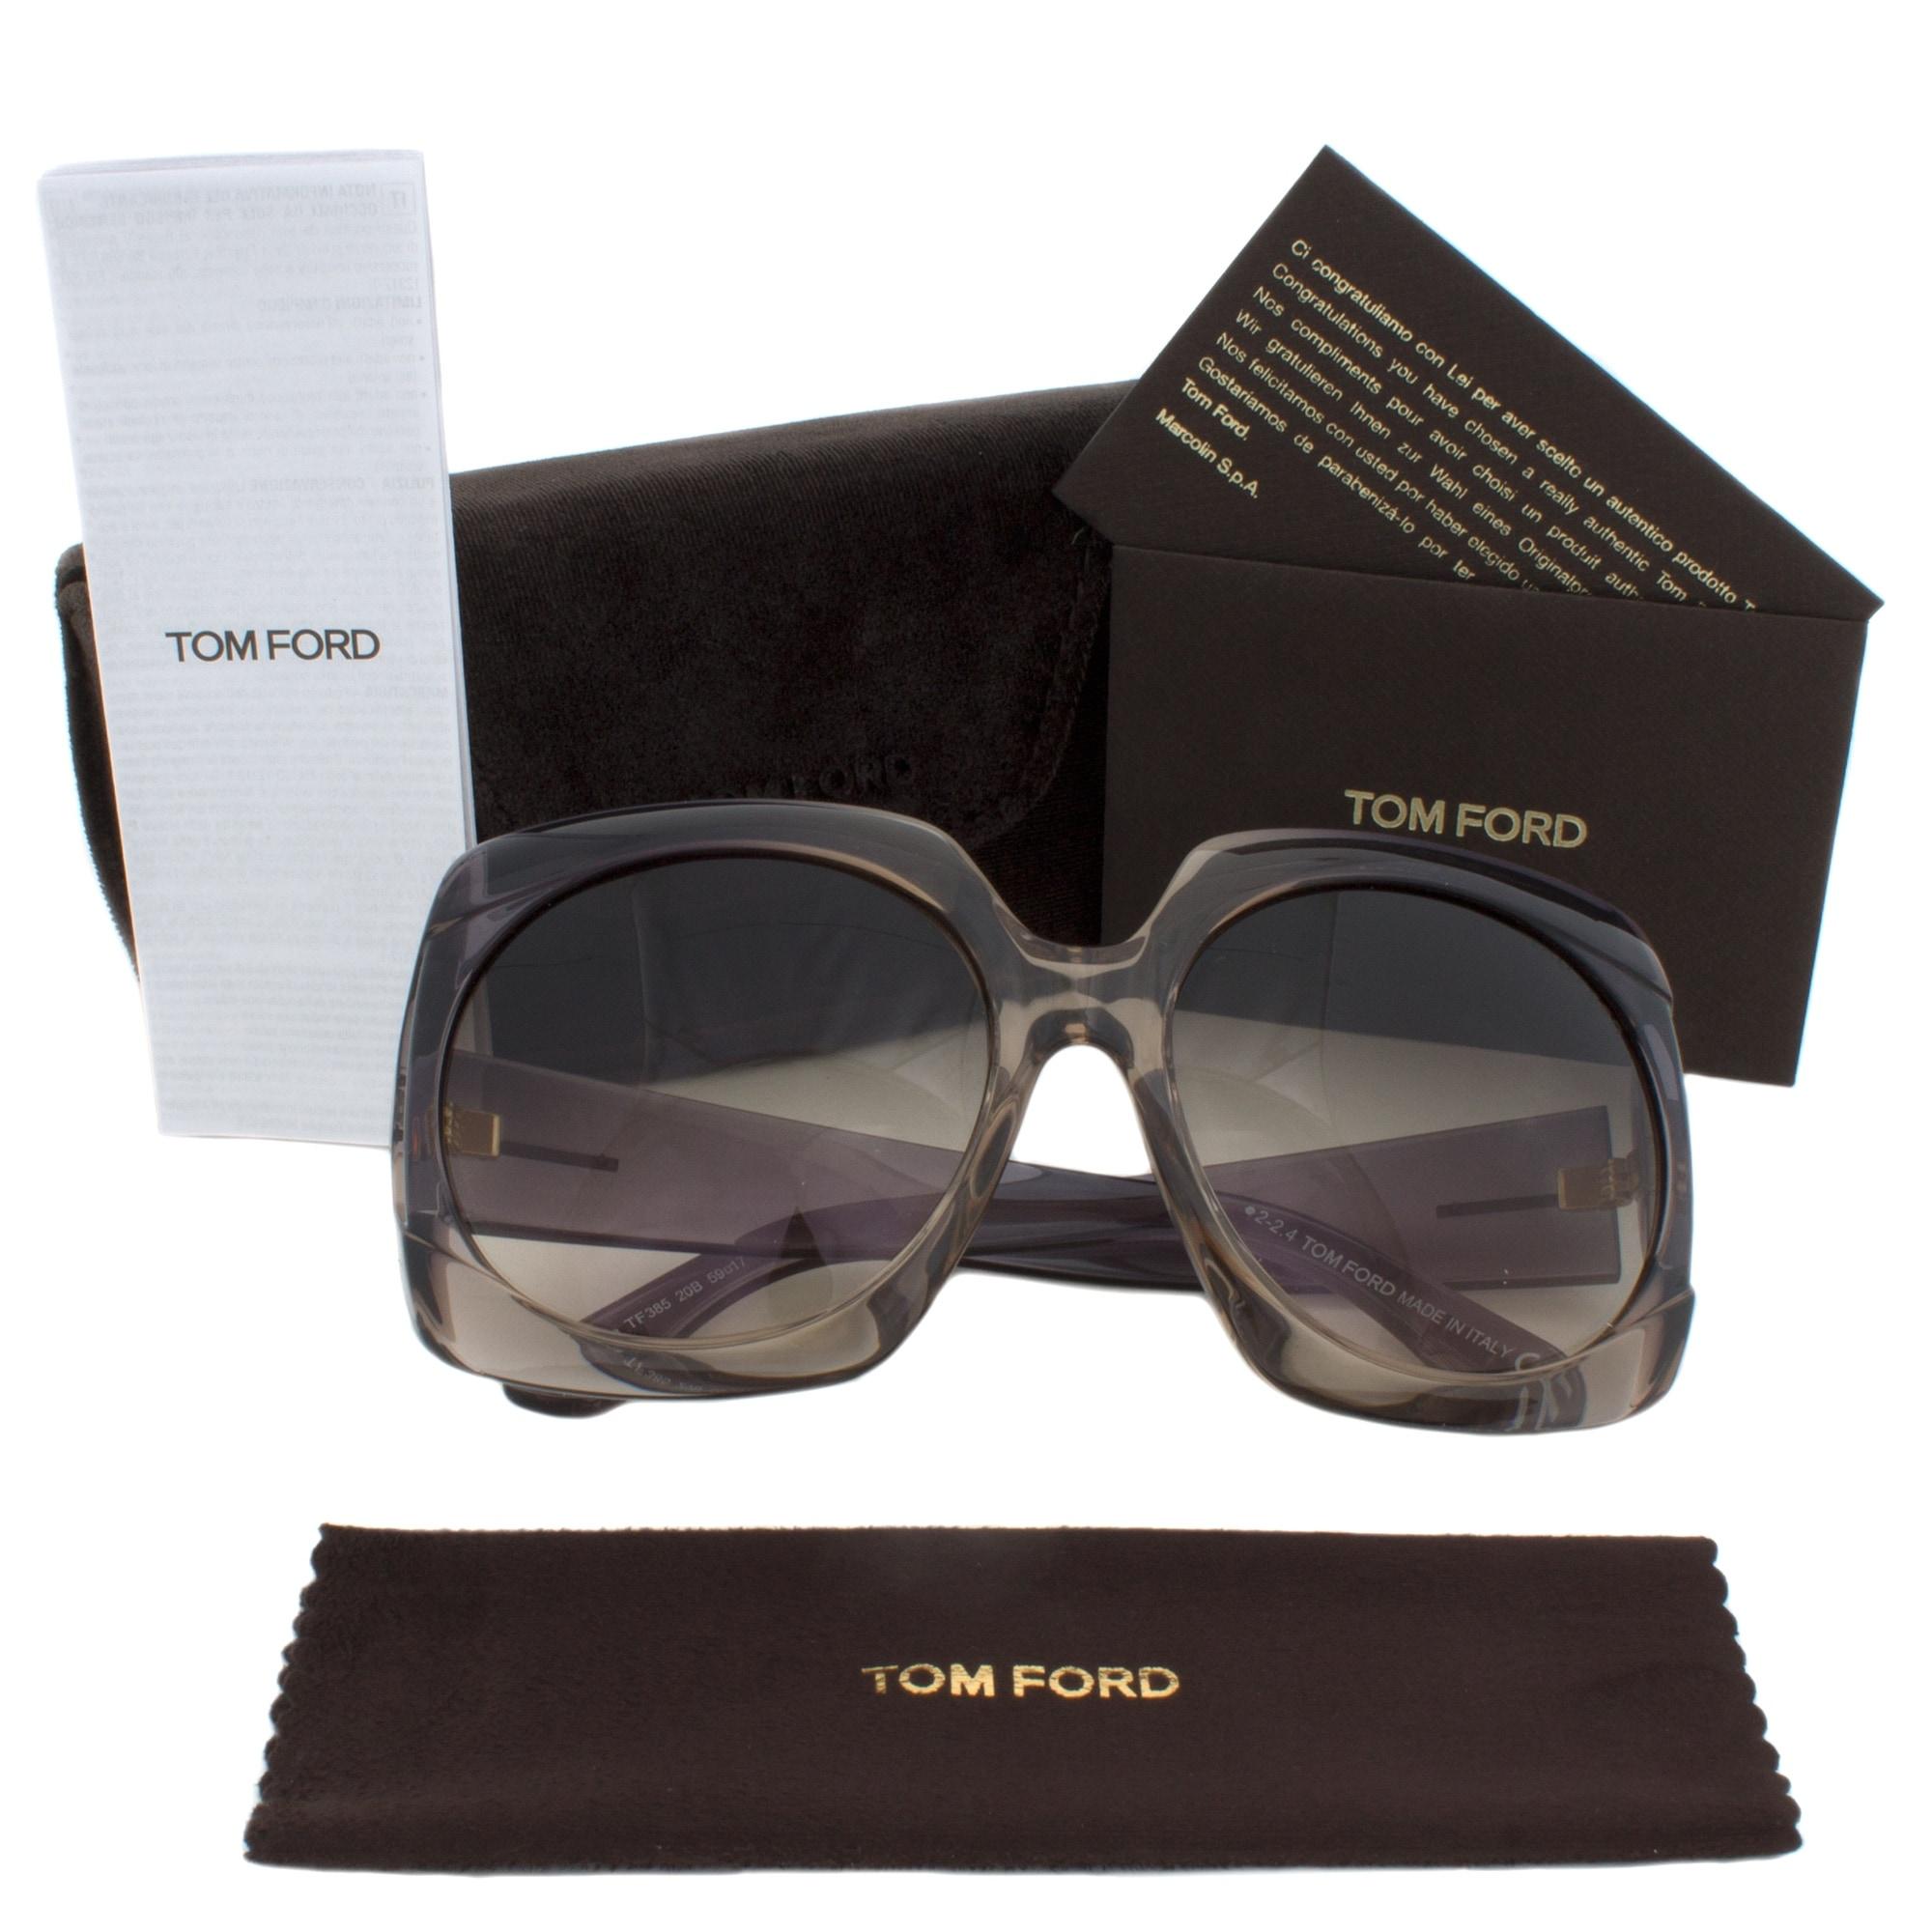 c821efbac6 Shop Tom Ford Ivana Sunglasses FT0385 20B